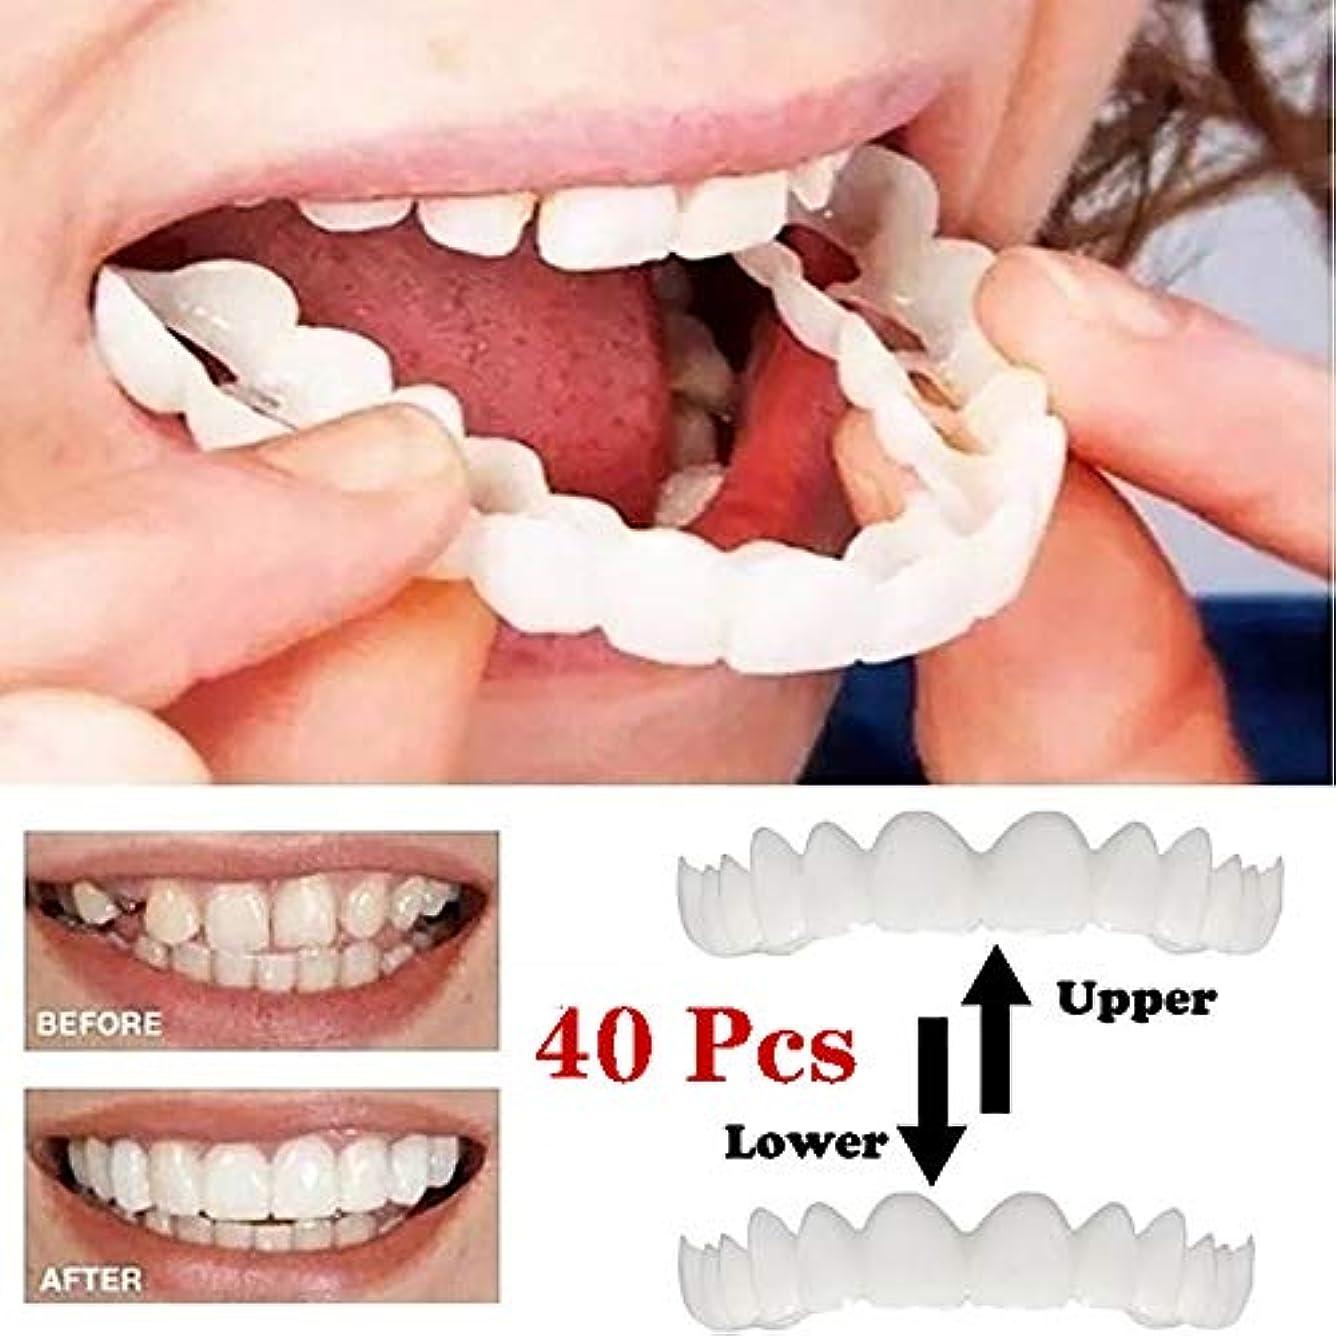 レーニン主義ポケット体20セット化粧板の歯、化粧品の歯 - 一時的な笑顔の快適さフィットフレックス化粧品の歯、ワンサイズはほとんどフィット - 歯突き板(下+上)